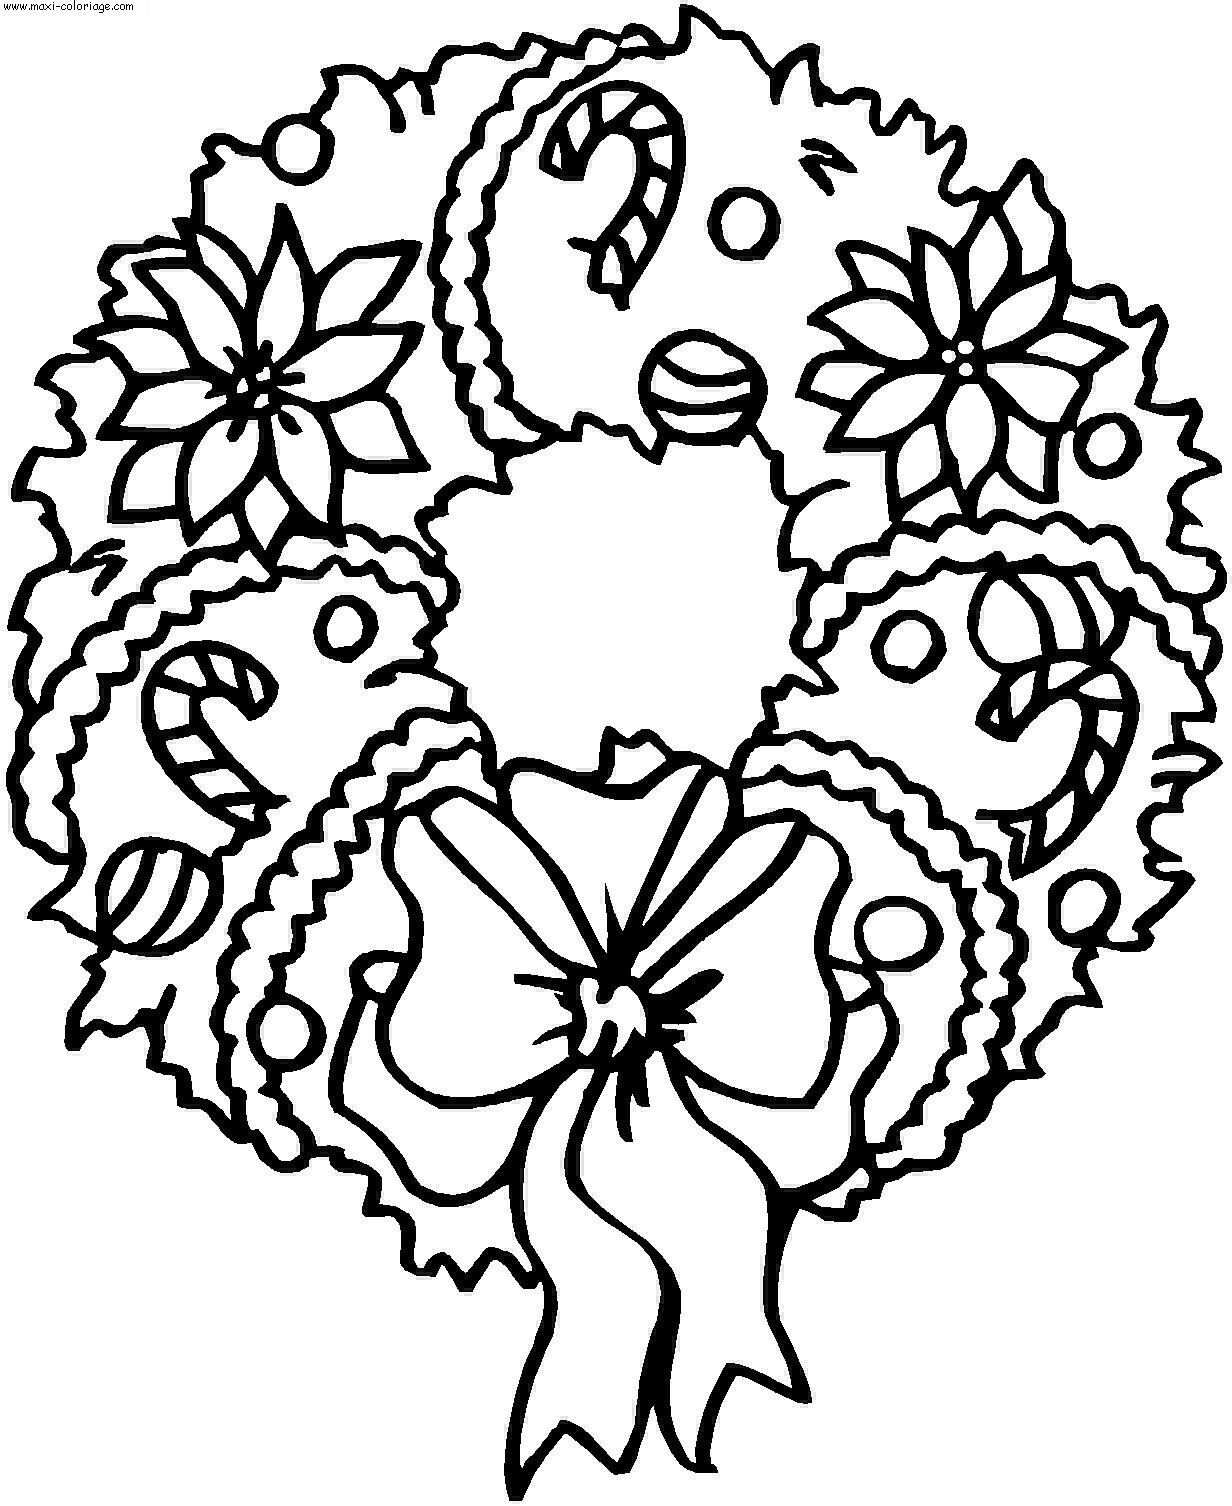 coloriage noel imprimer pour les enfants cp19501 - Coloriage Noel